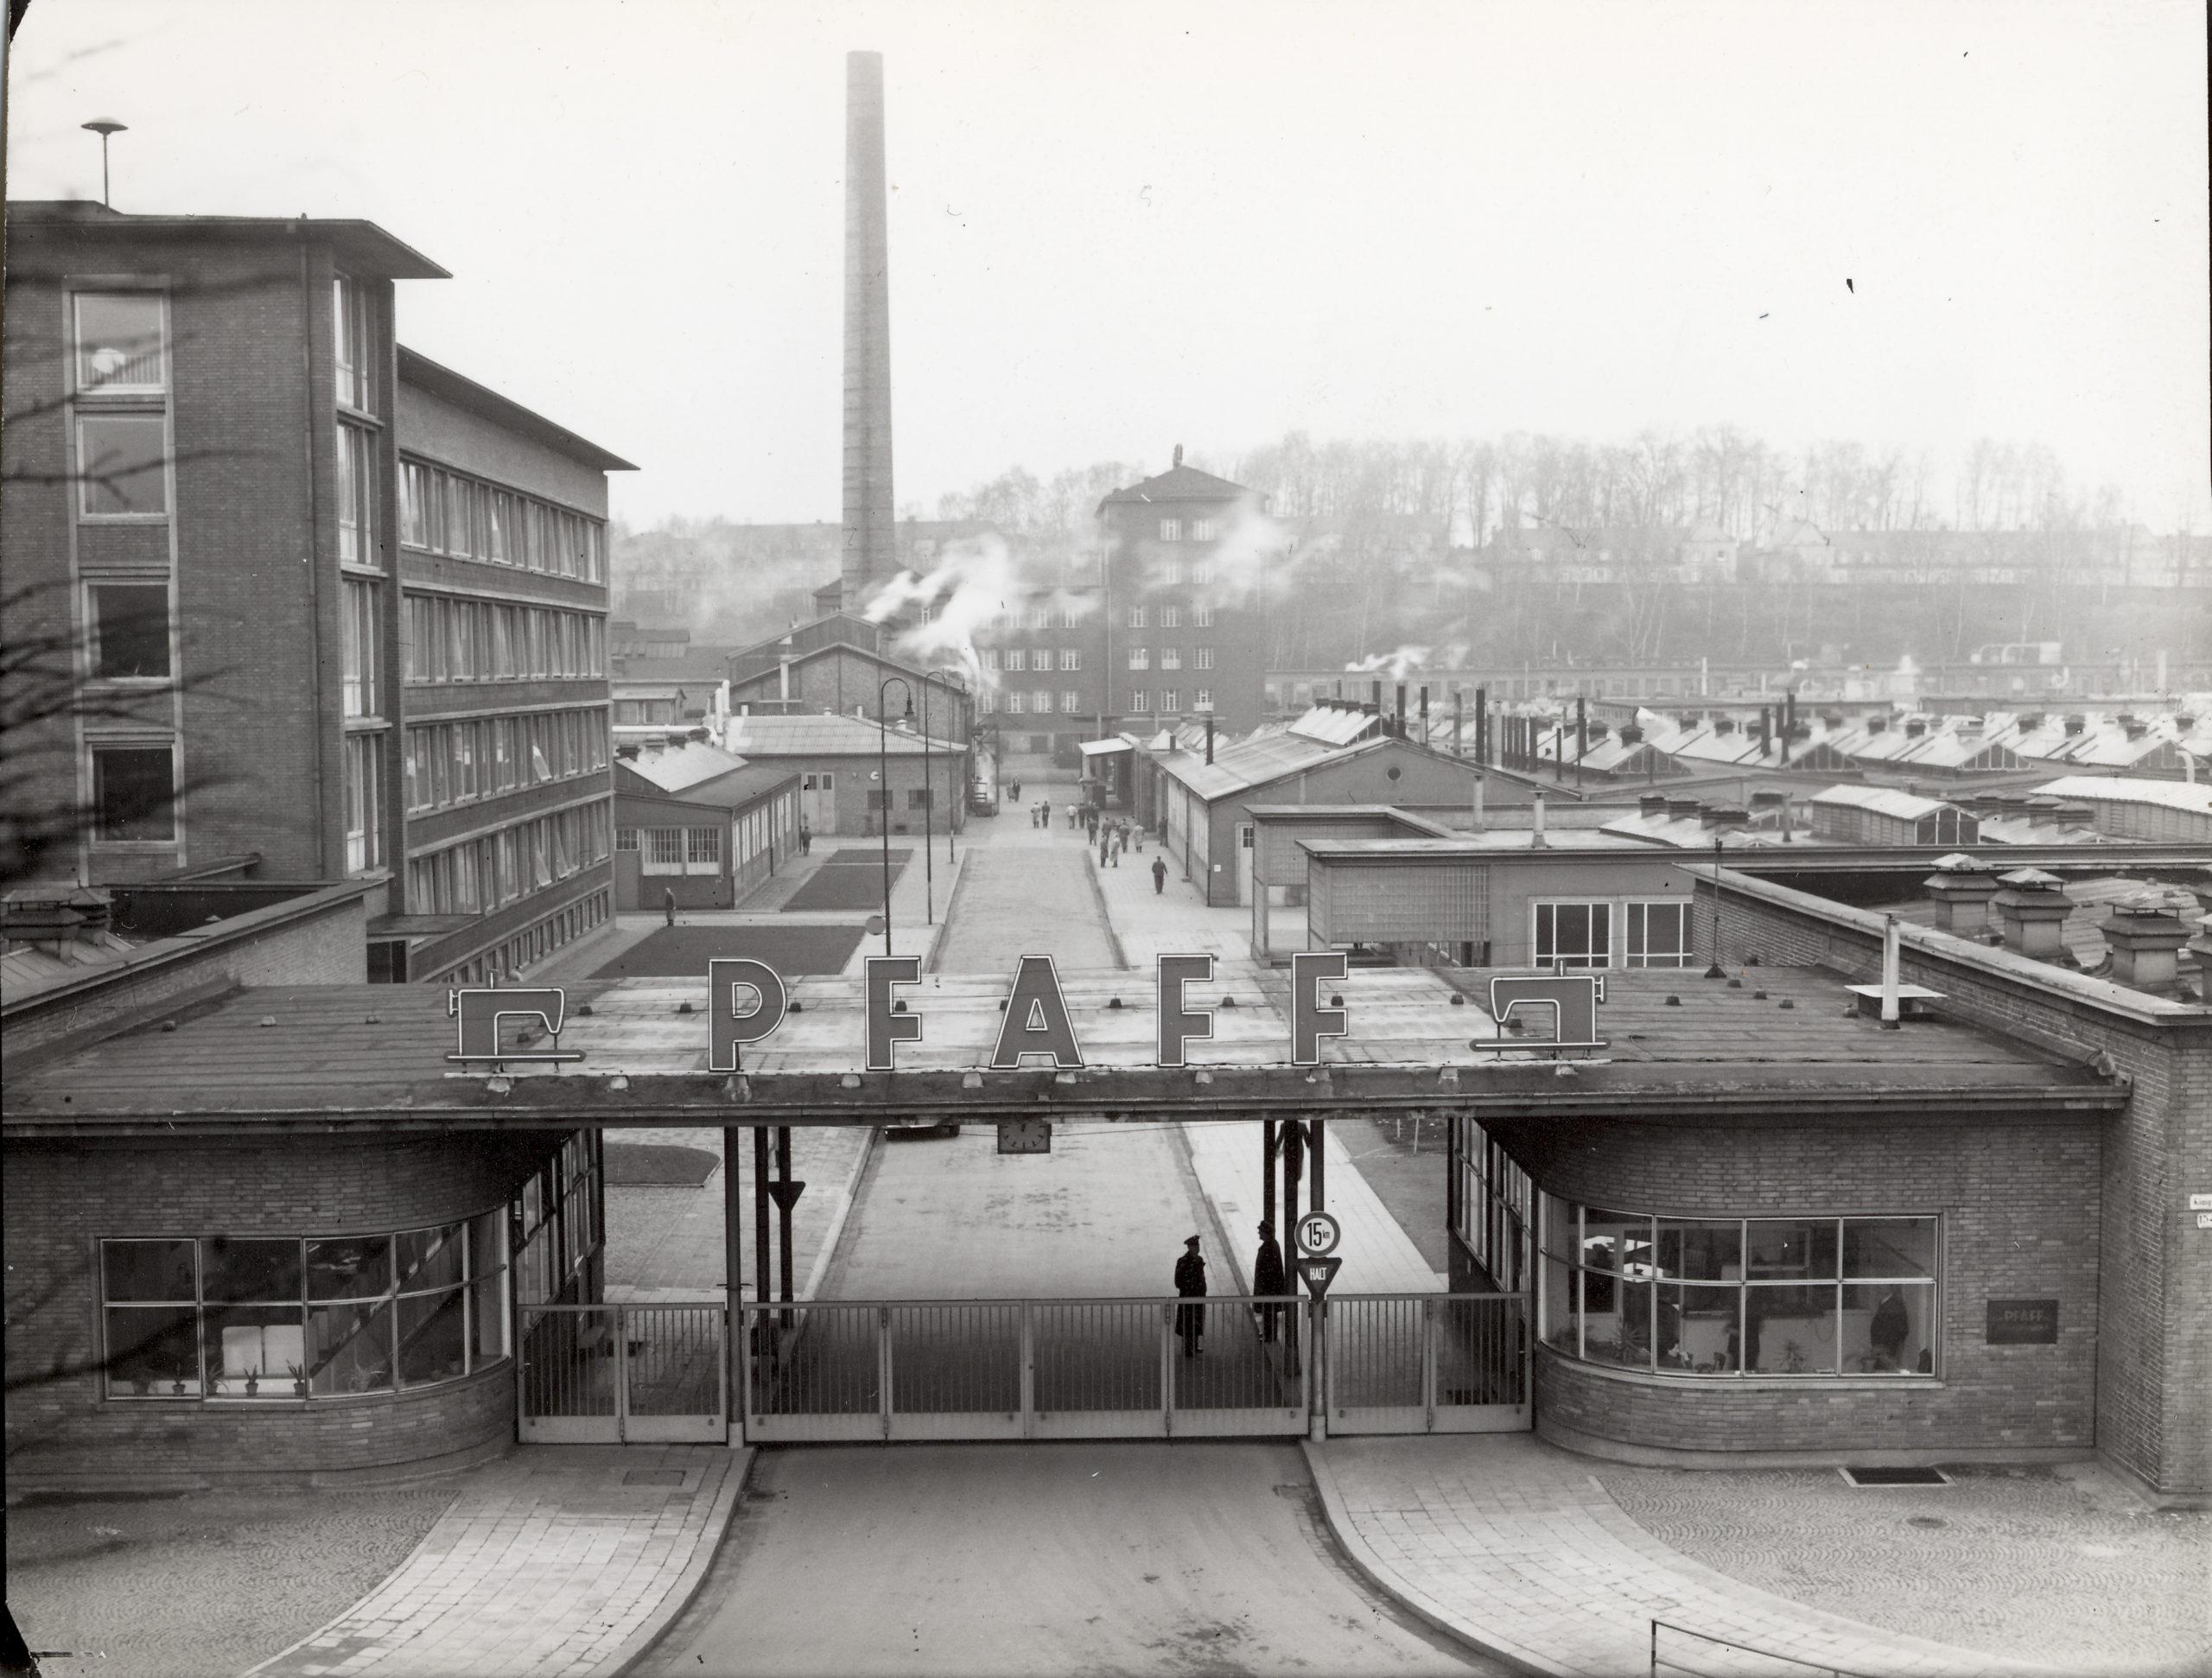 Pfaff Werksansicht mit Torbau 1960, Bildquelle: Stadtarchiv Kaiserslautern